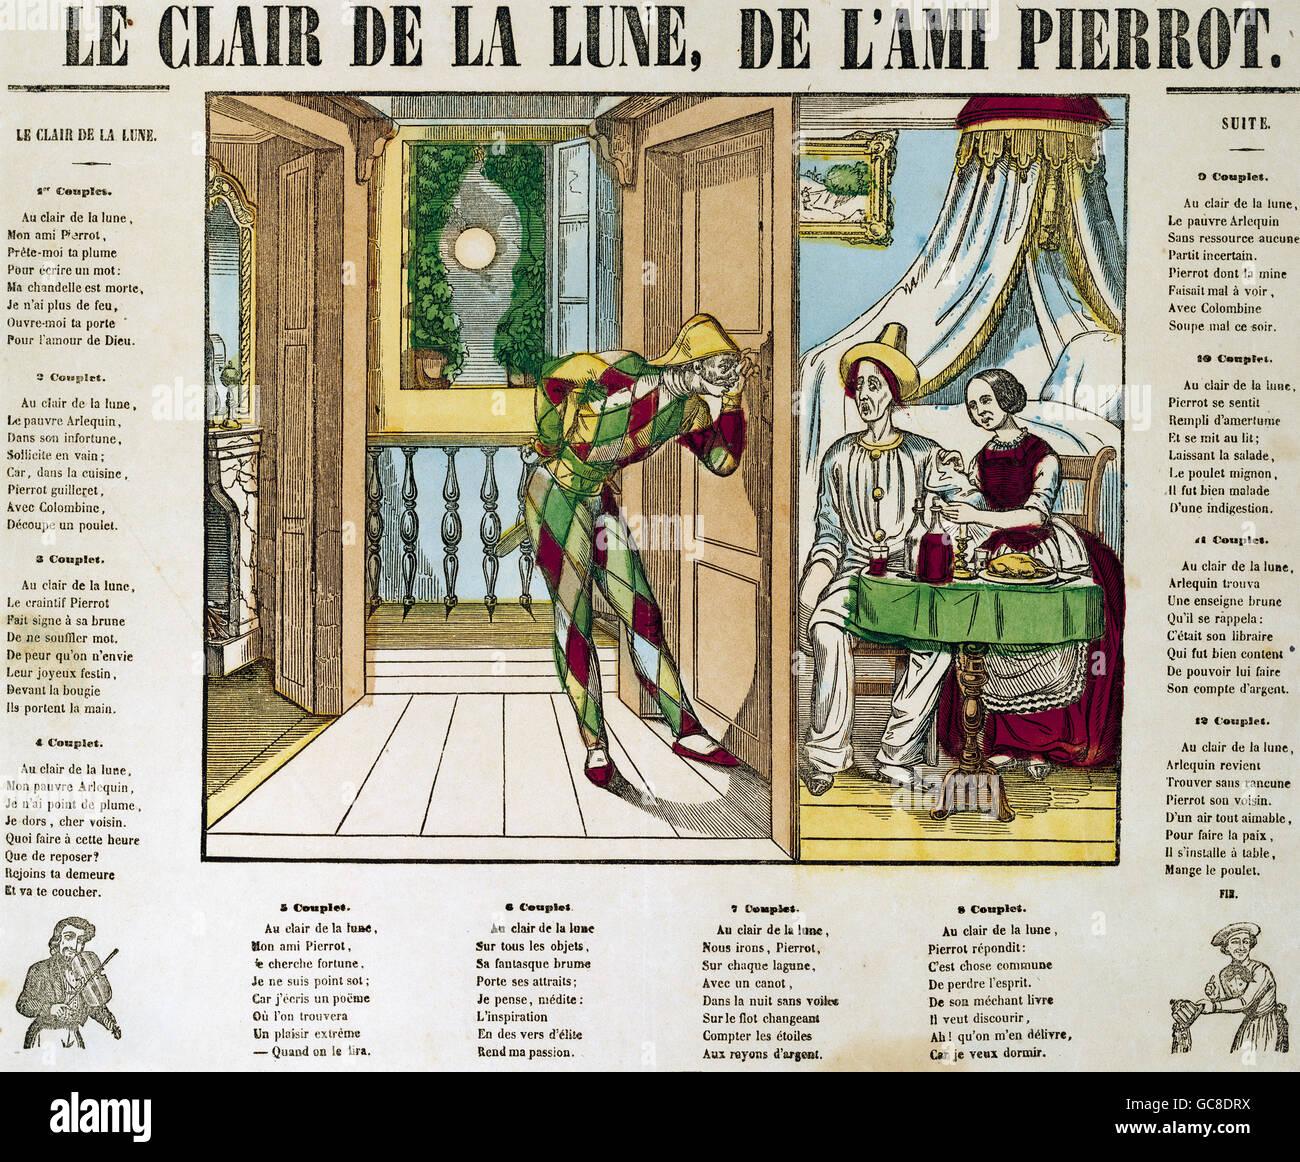 Teatro Cifras Arlequín Pierrot Y Columbine Le Clair De